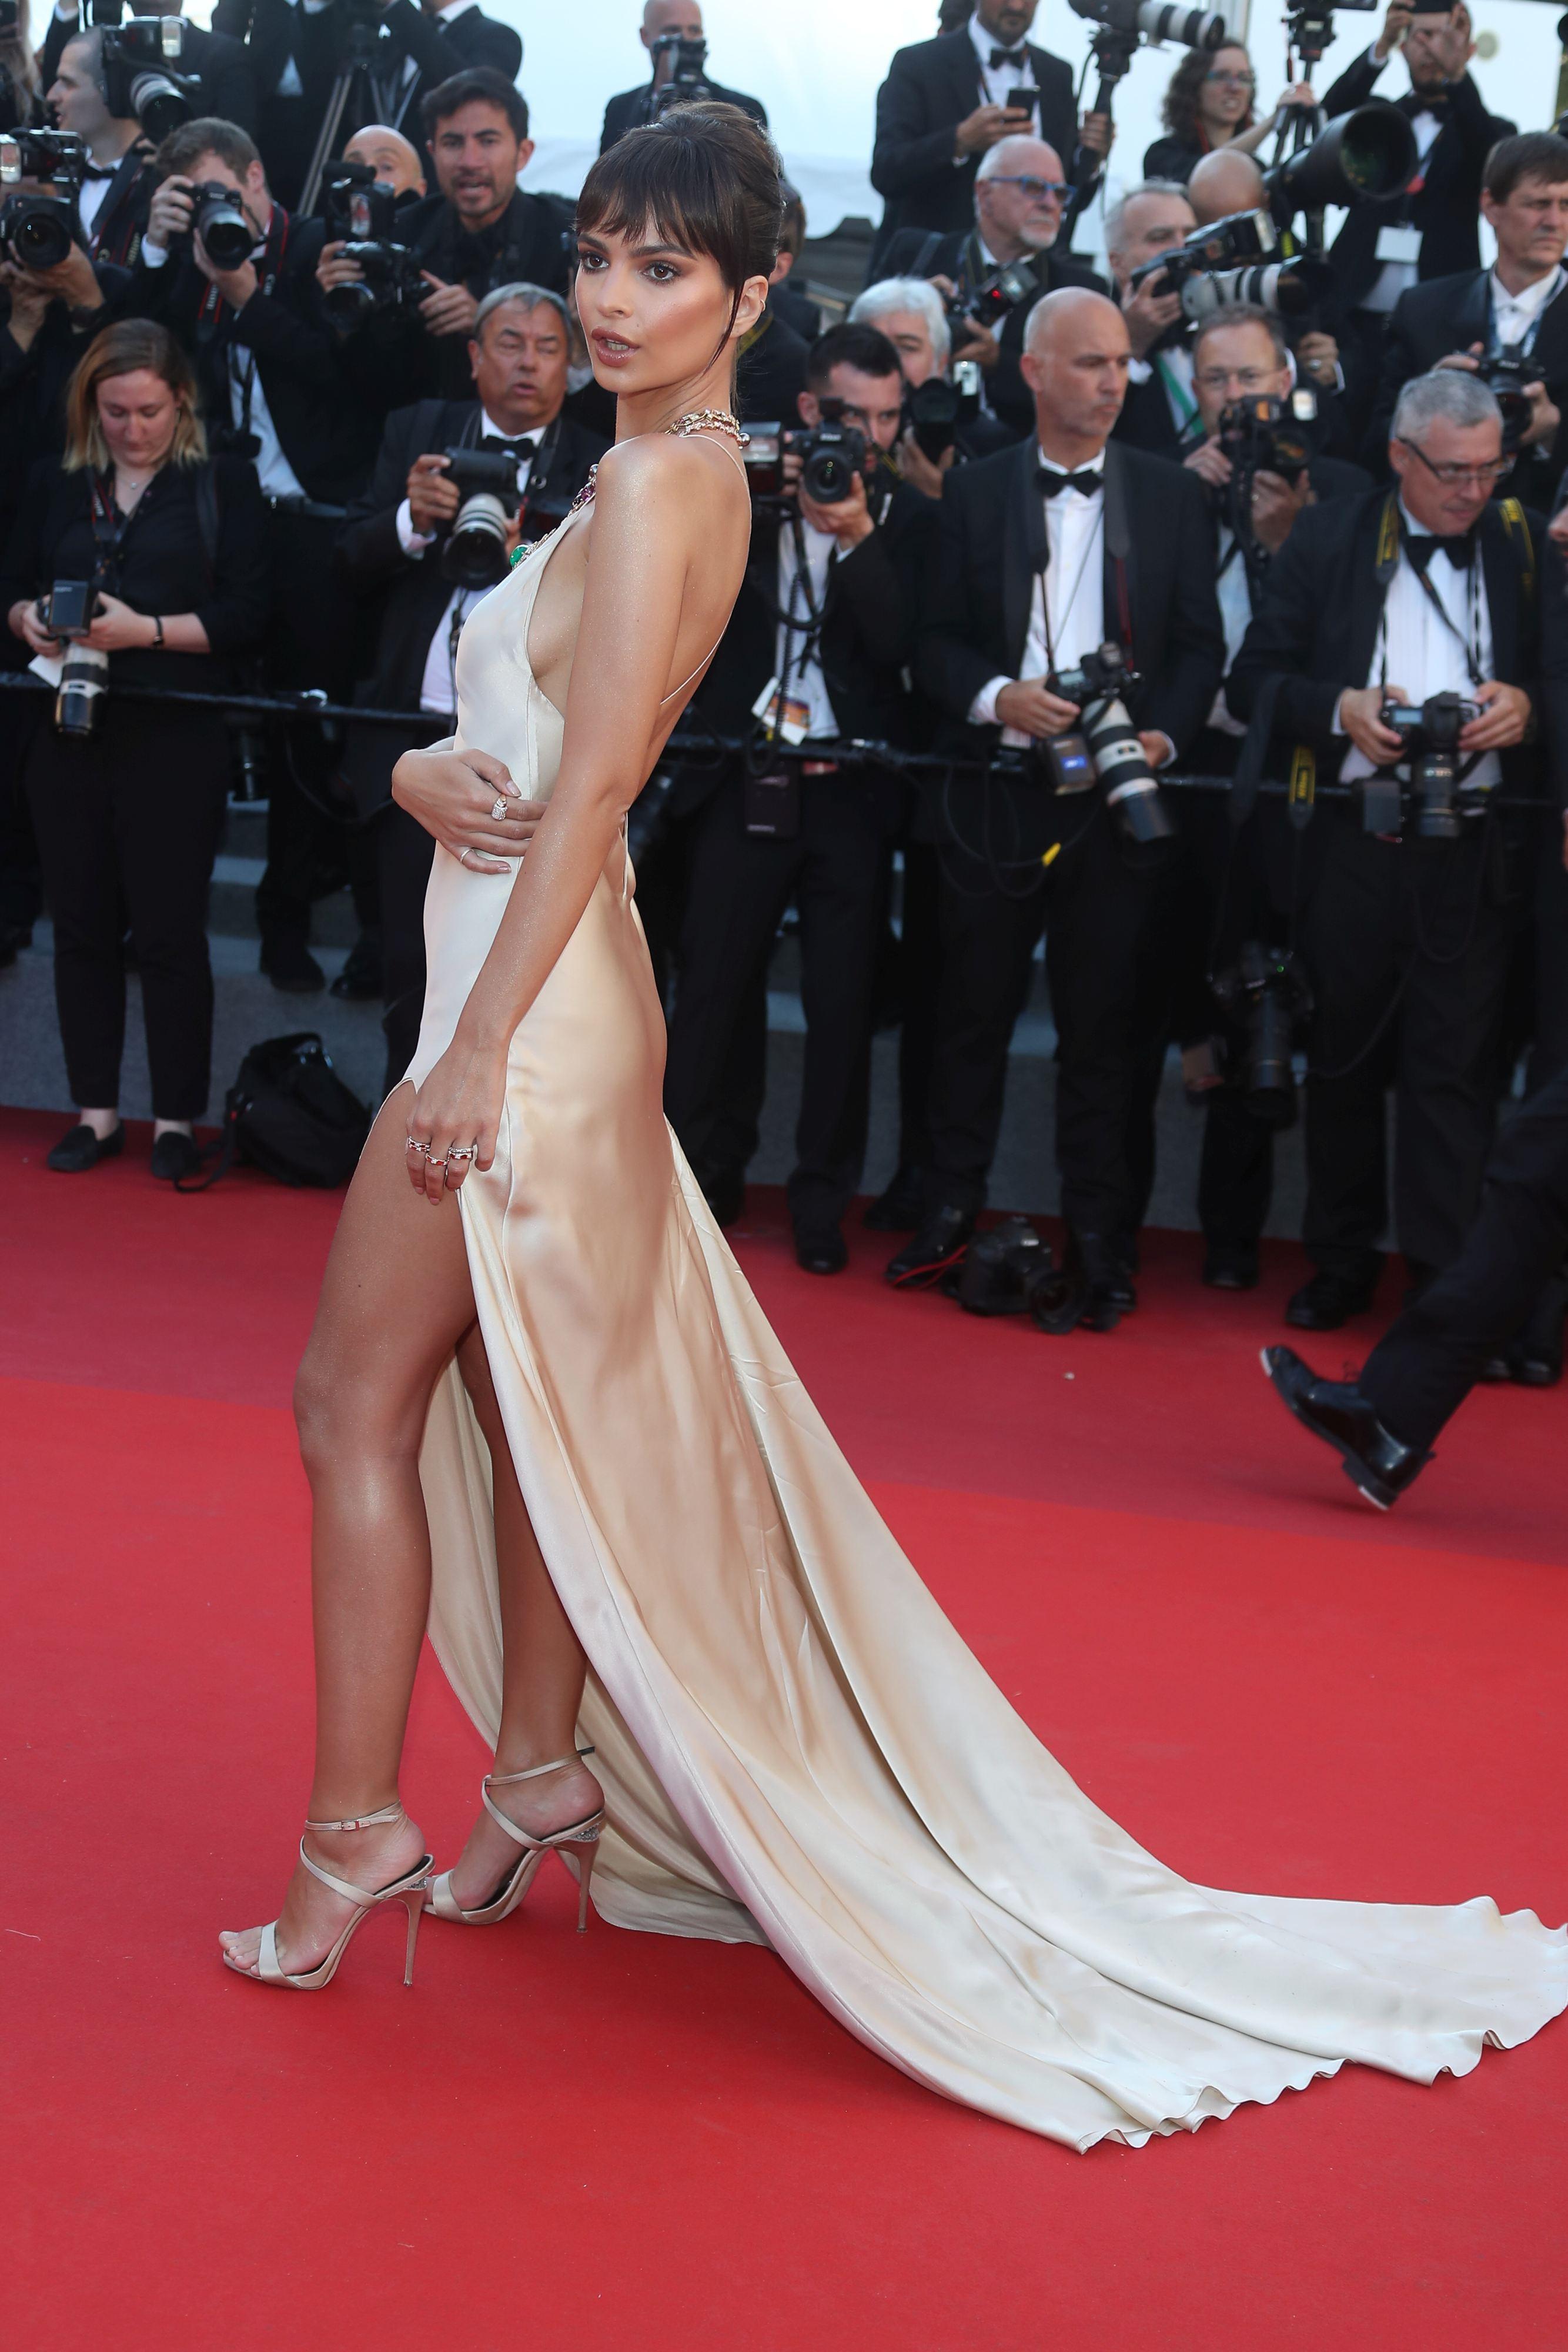 Bella Hadid și-a arătat lenjeria intimă pe covorul roșu de la Cannes. Emily Ratajkowski, ținută provocatoare | FOTO ÎN ARTICOL